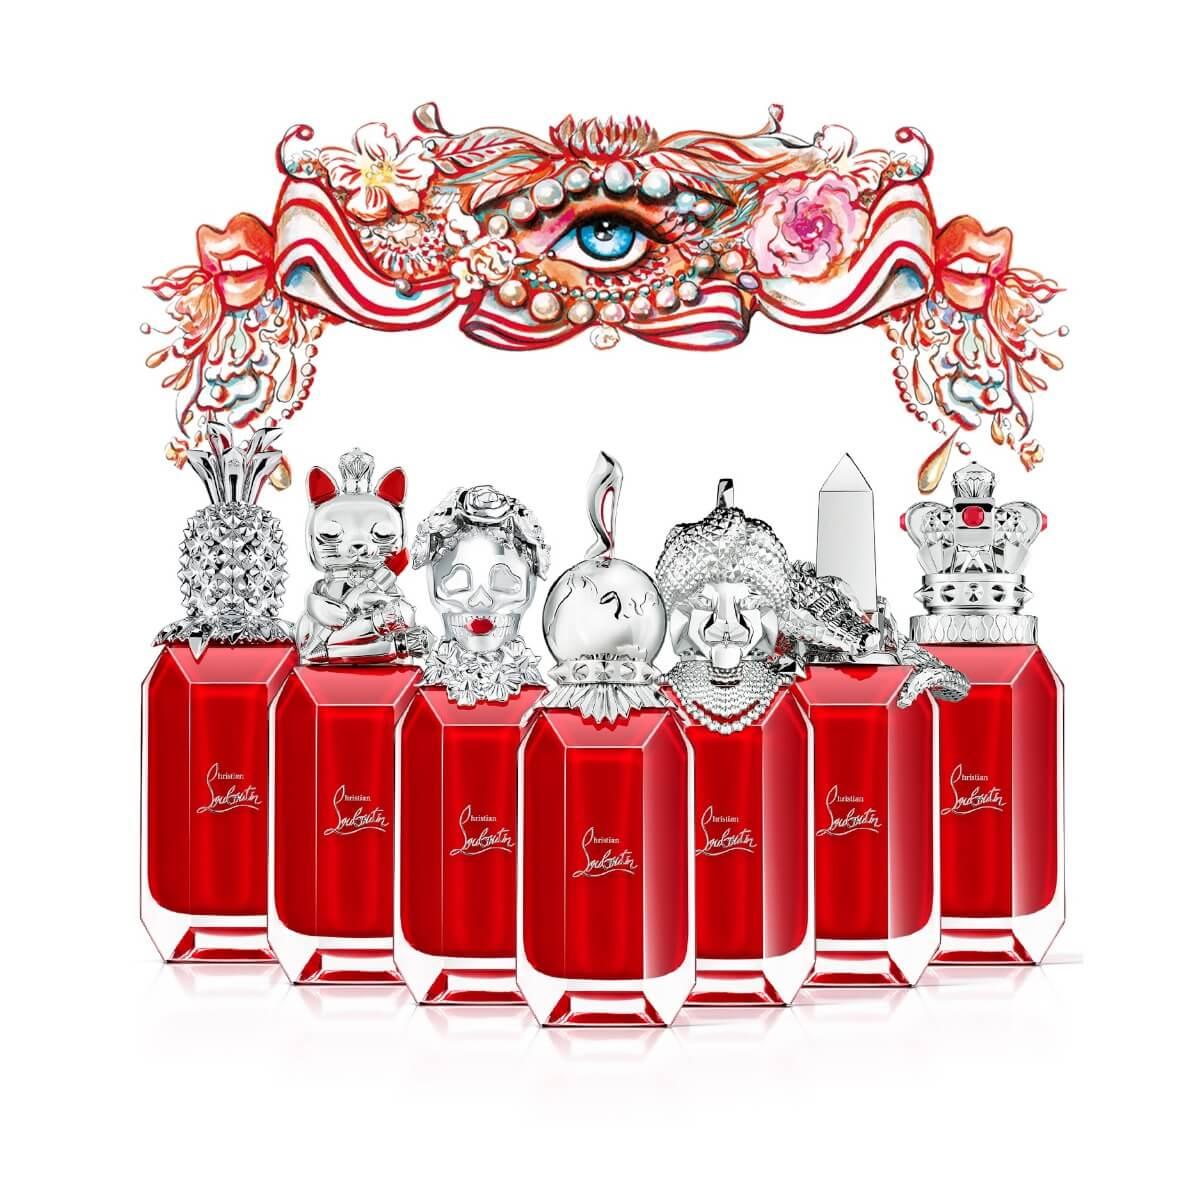 Quà tặng Giáng sinh cao cấp 2020 chủ đề Beauty